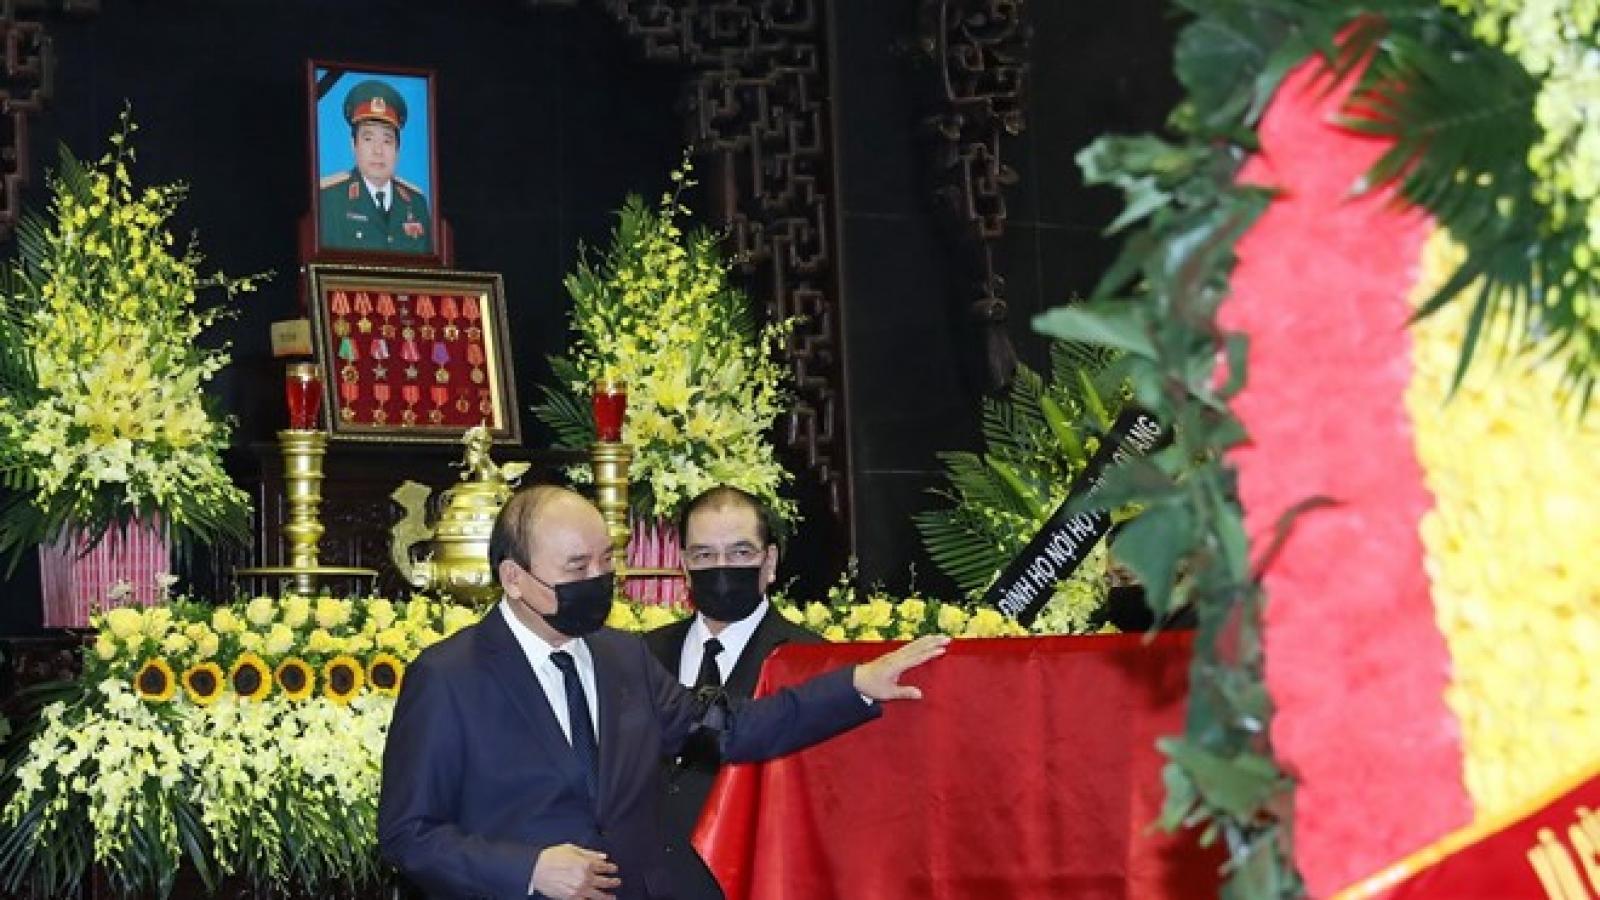 Đại tướng Phùng Quang Thanh là tấm gương Bộ đội Cụ Hồ tiêu biểu